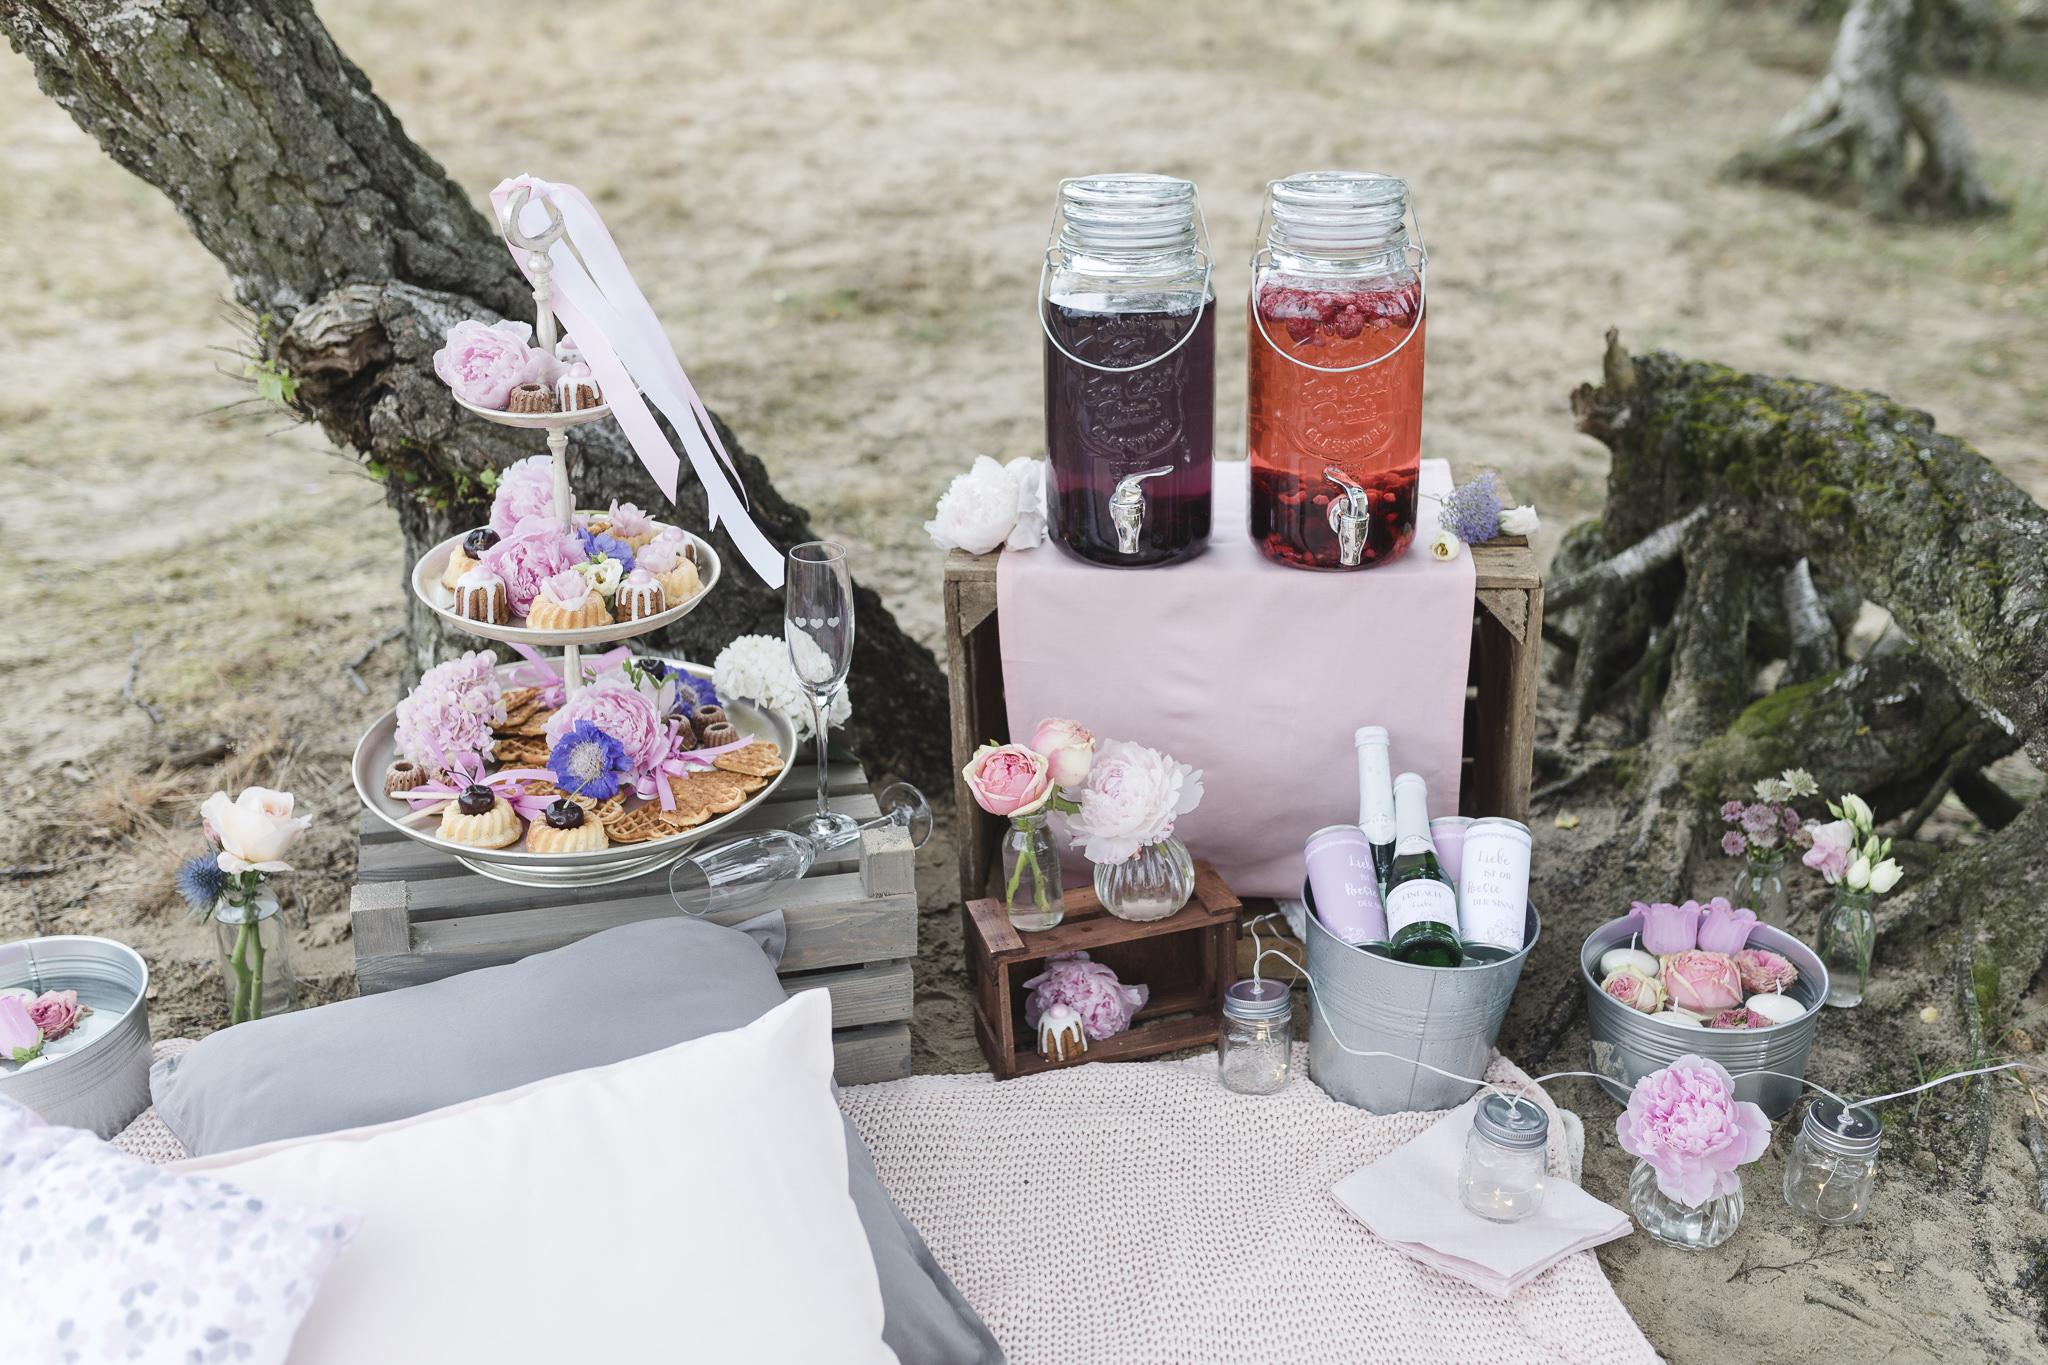 Hochzeitsinspirationen: selbstgemachte Limonade und viele kleine Süßigkeiten laden zum Verweilen ein